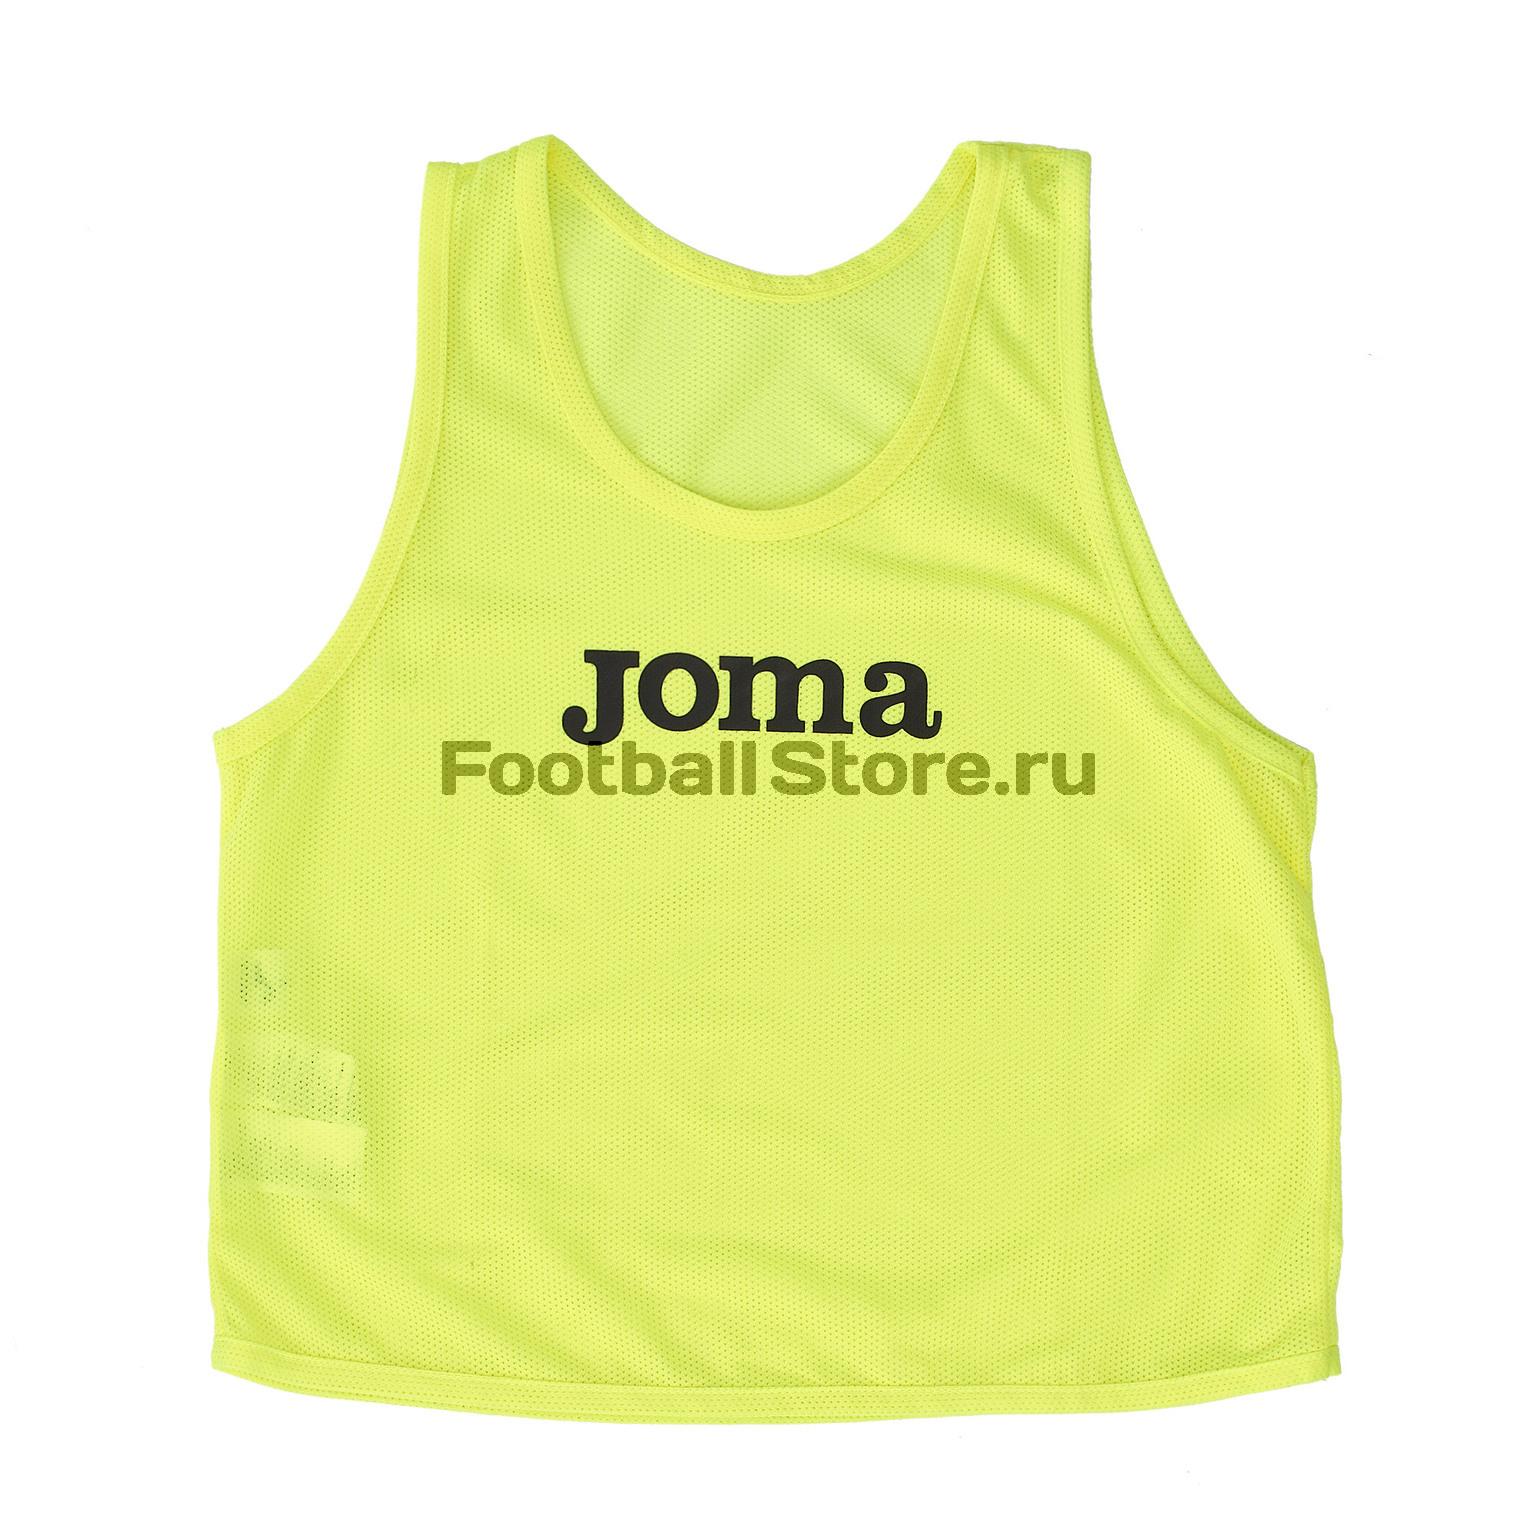 цены на Манишка Joma Team 905.105  в интернет-магазинах